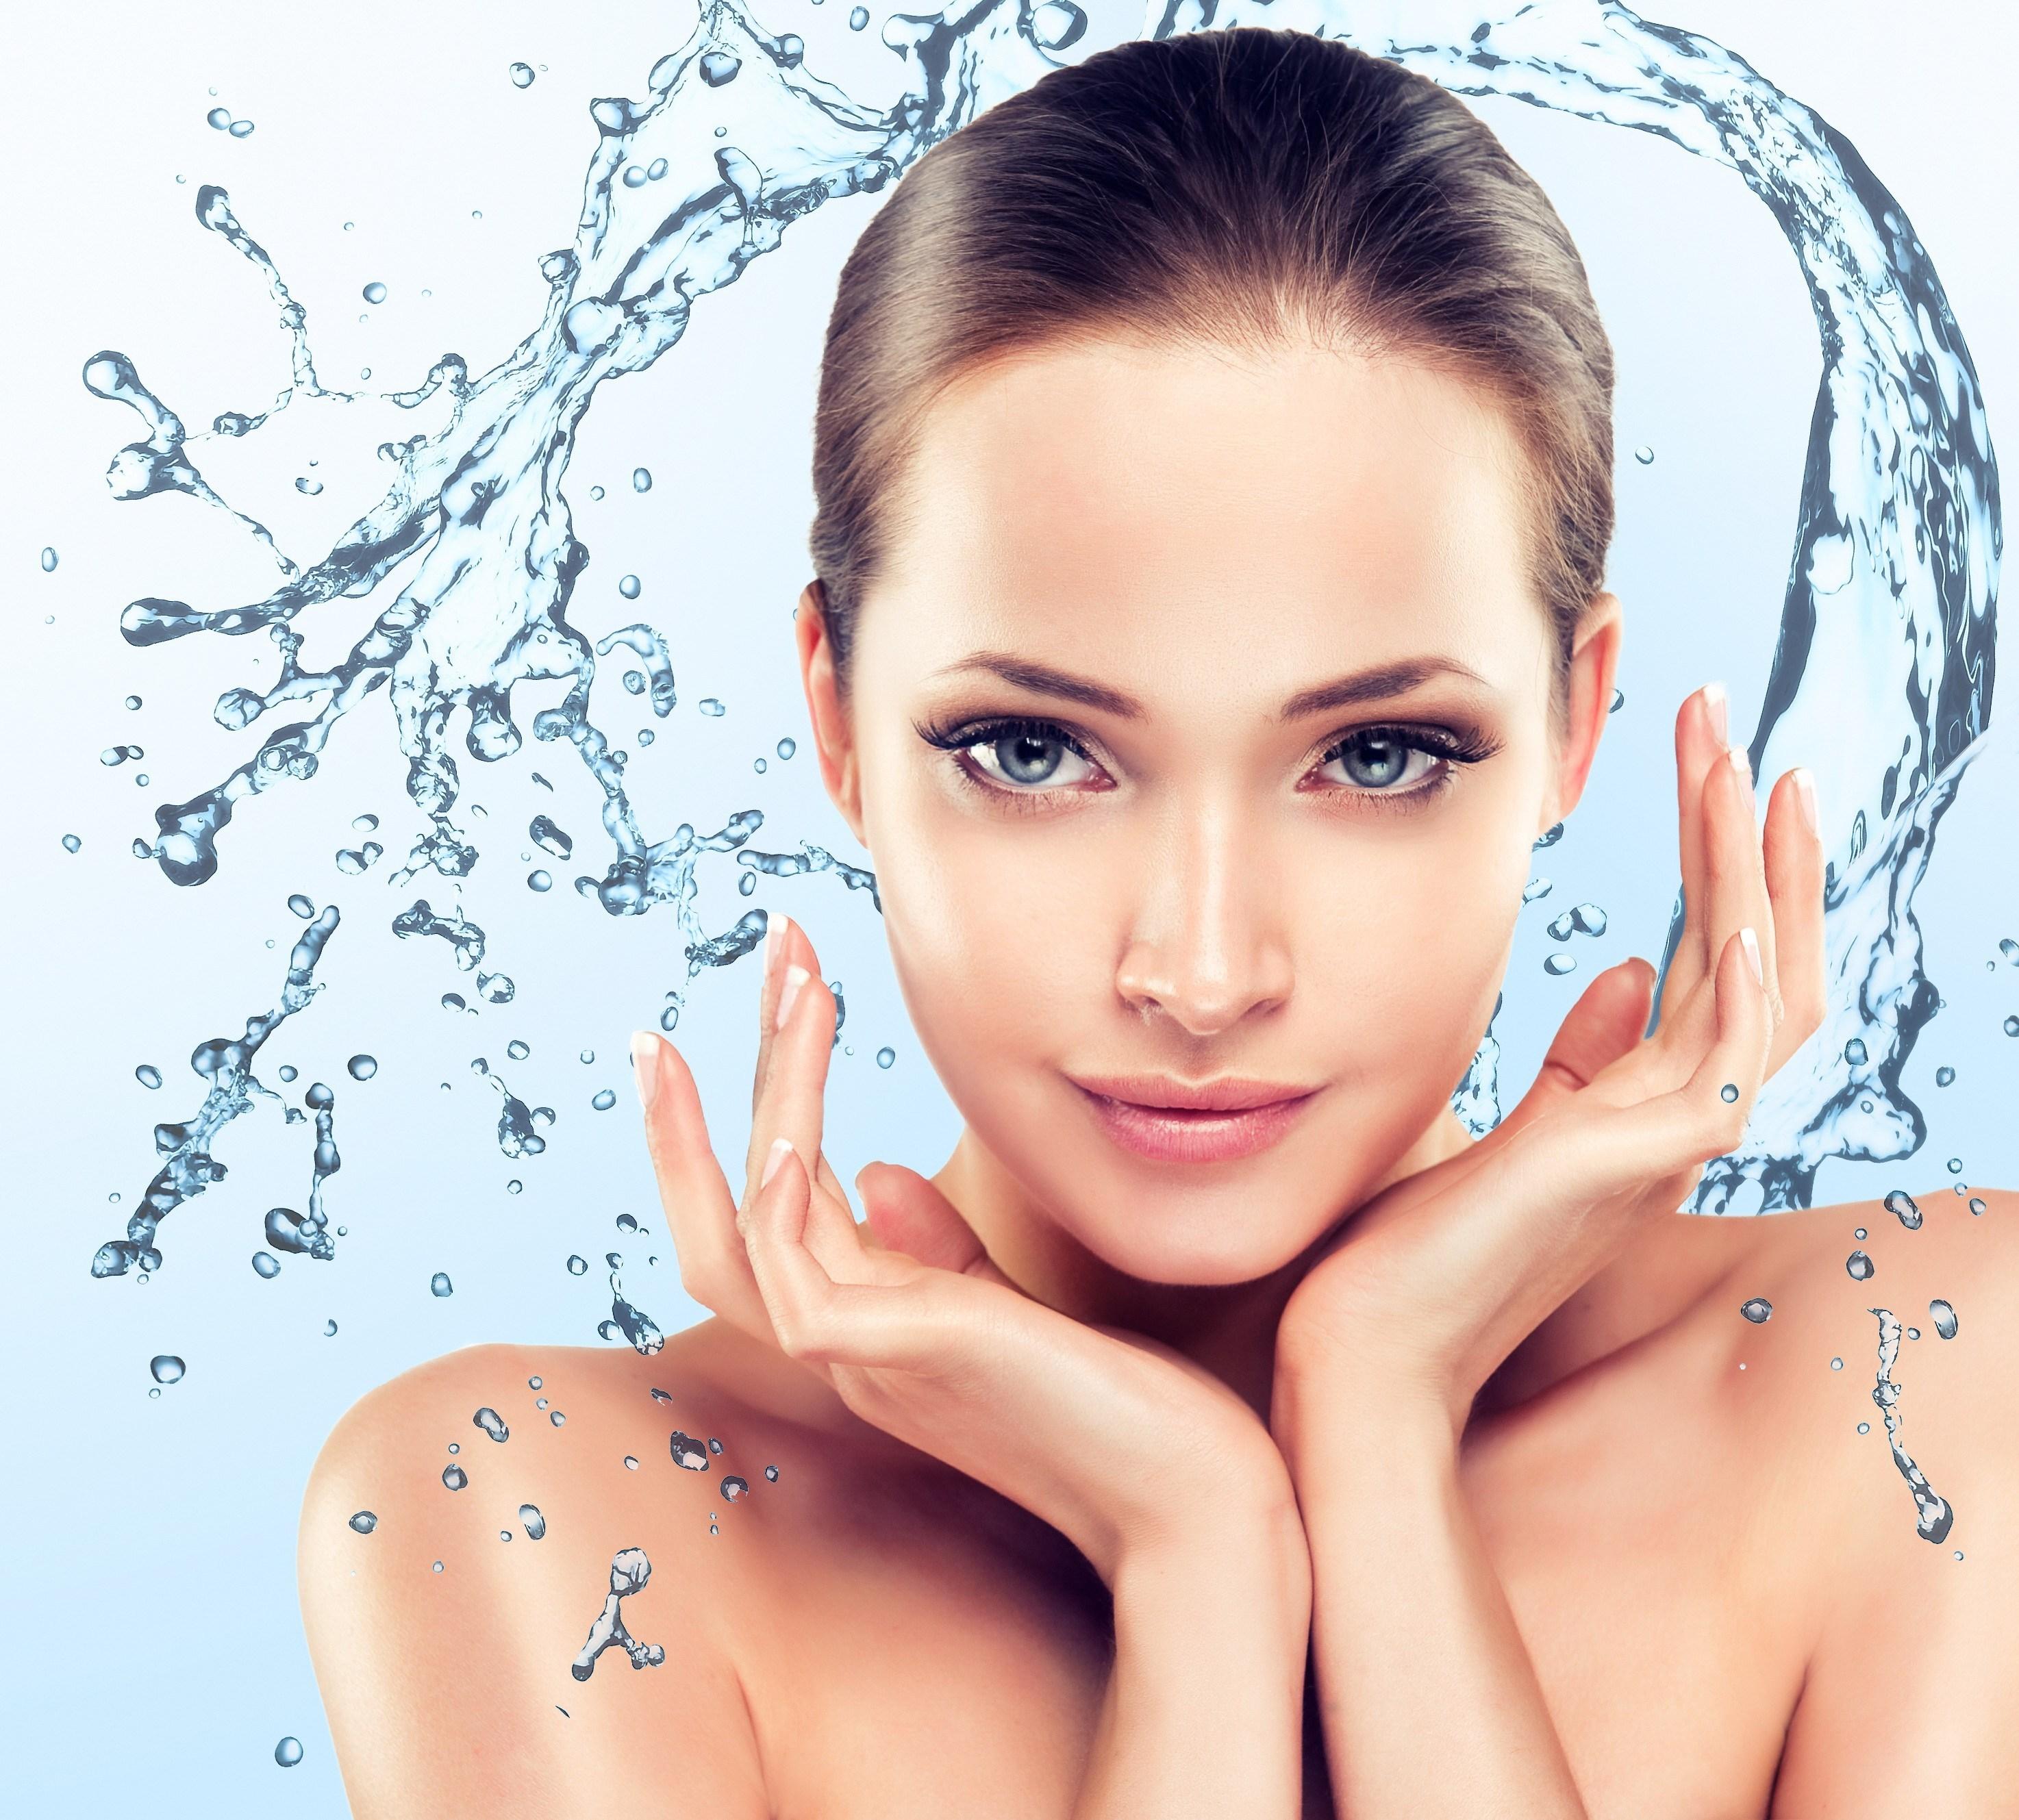 [護膚] 正確保養皮膚三步驟